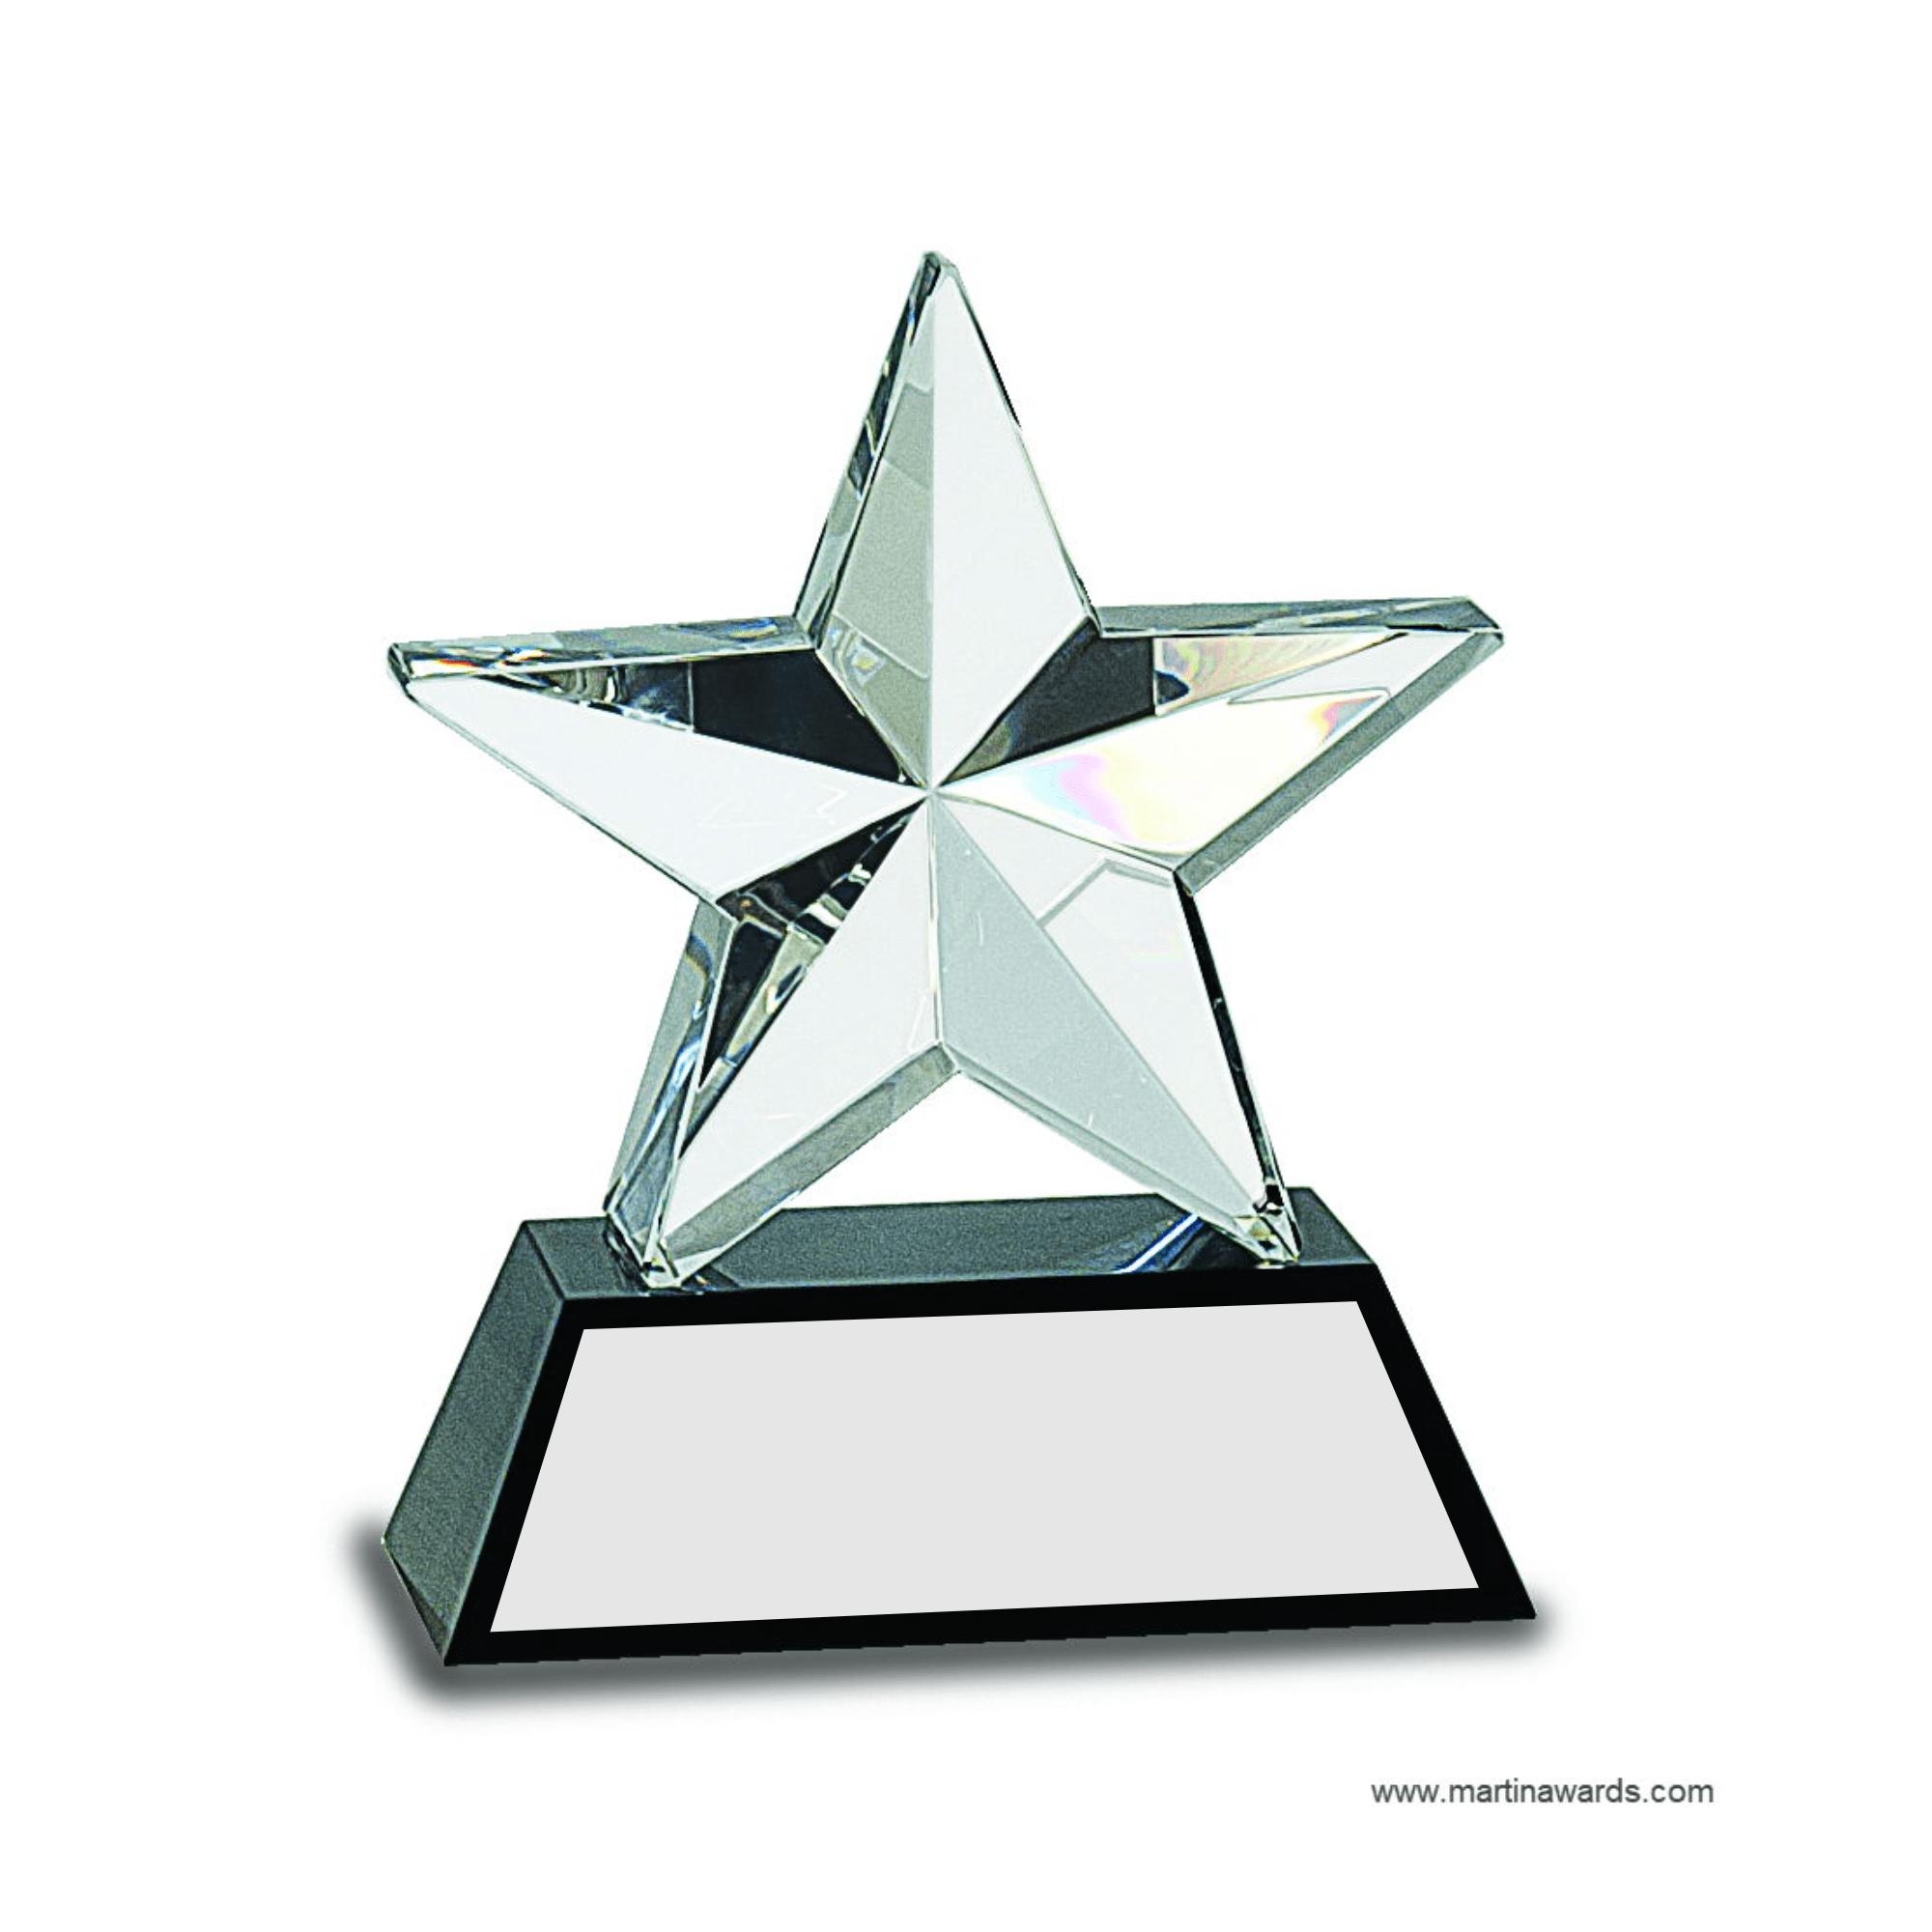 6 crystal 3d star on black base martin awards for 3d star net